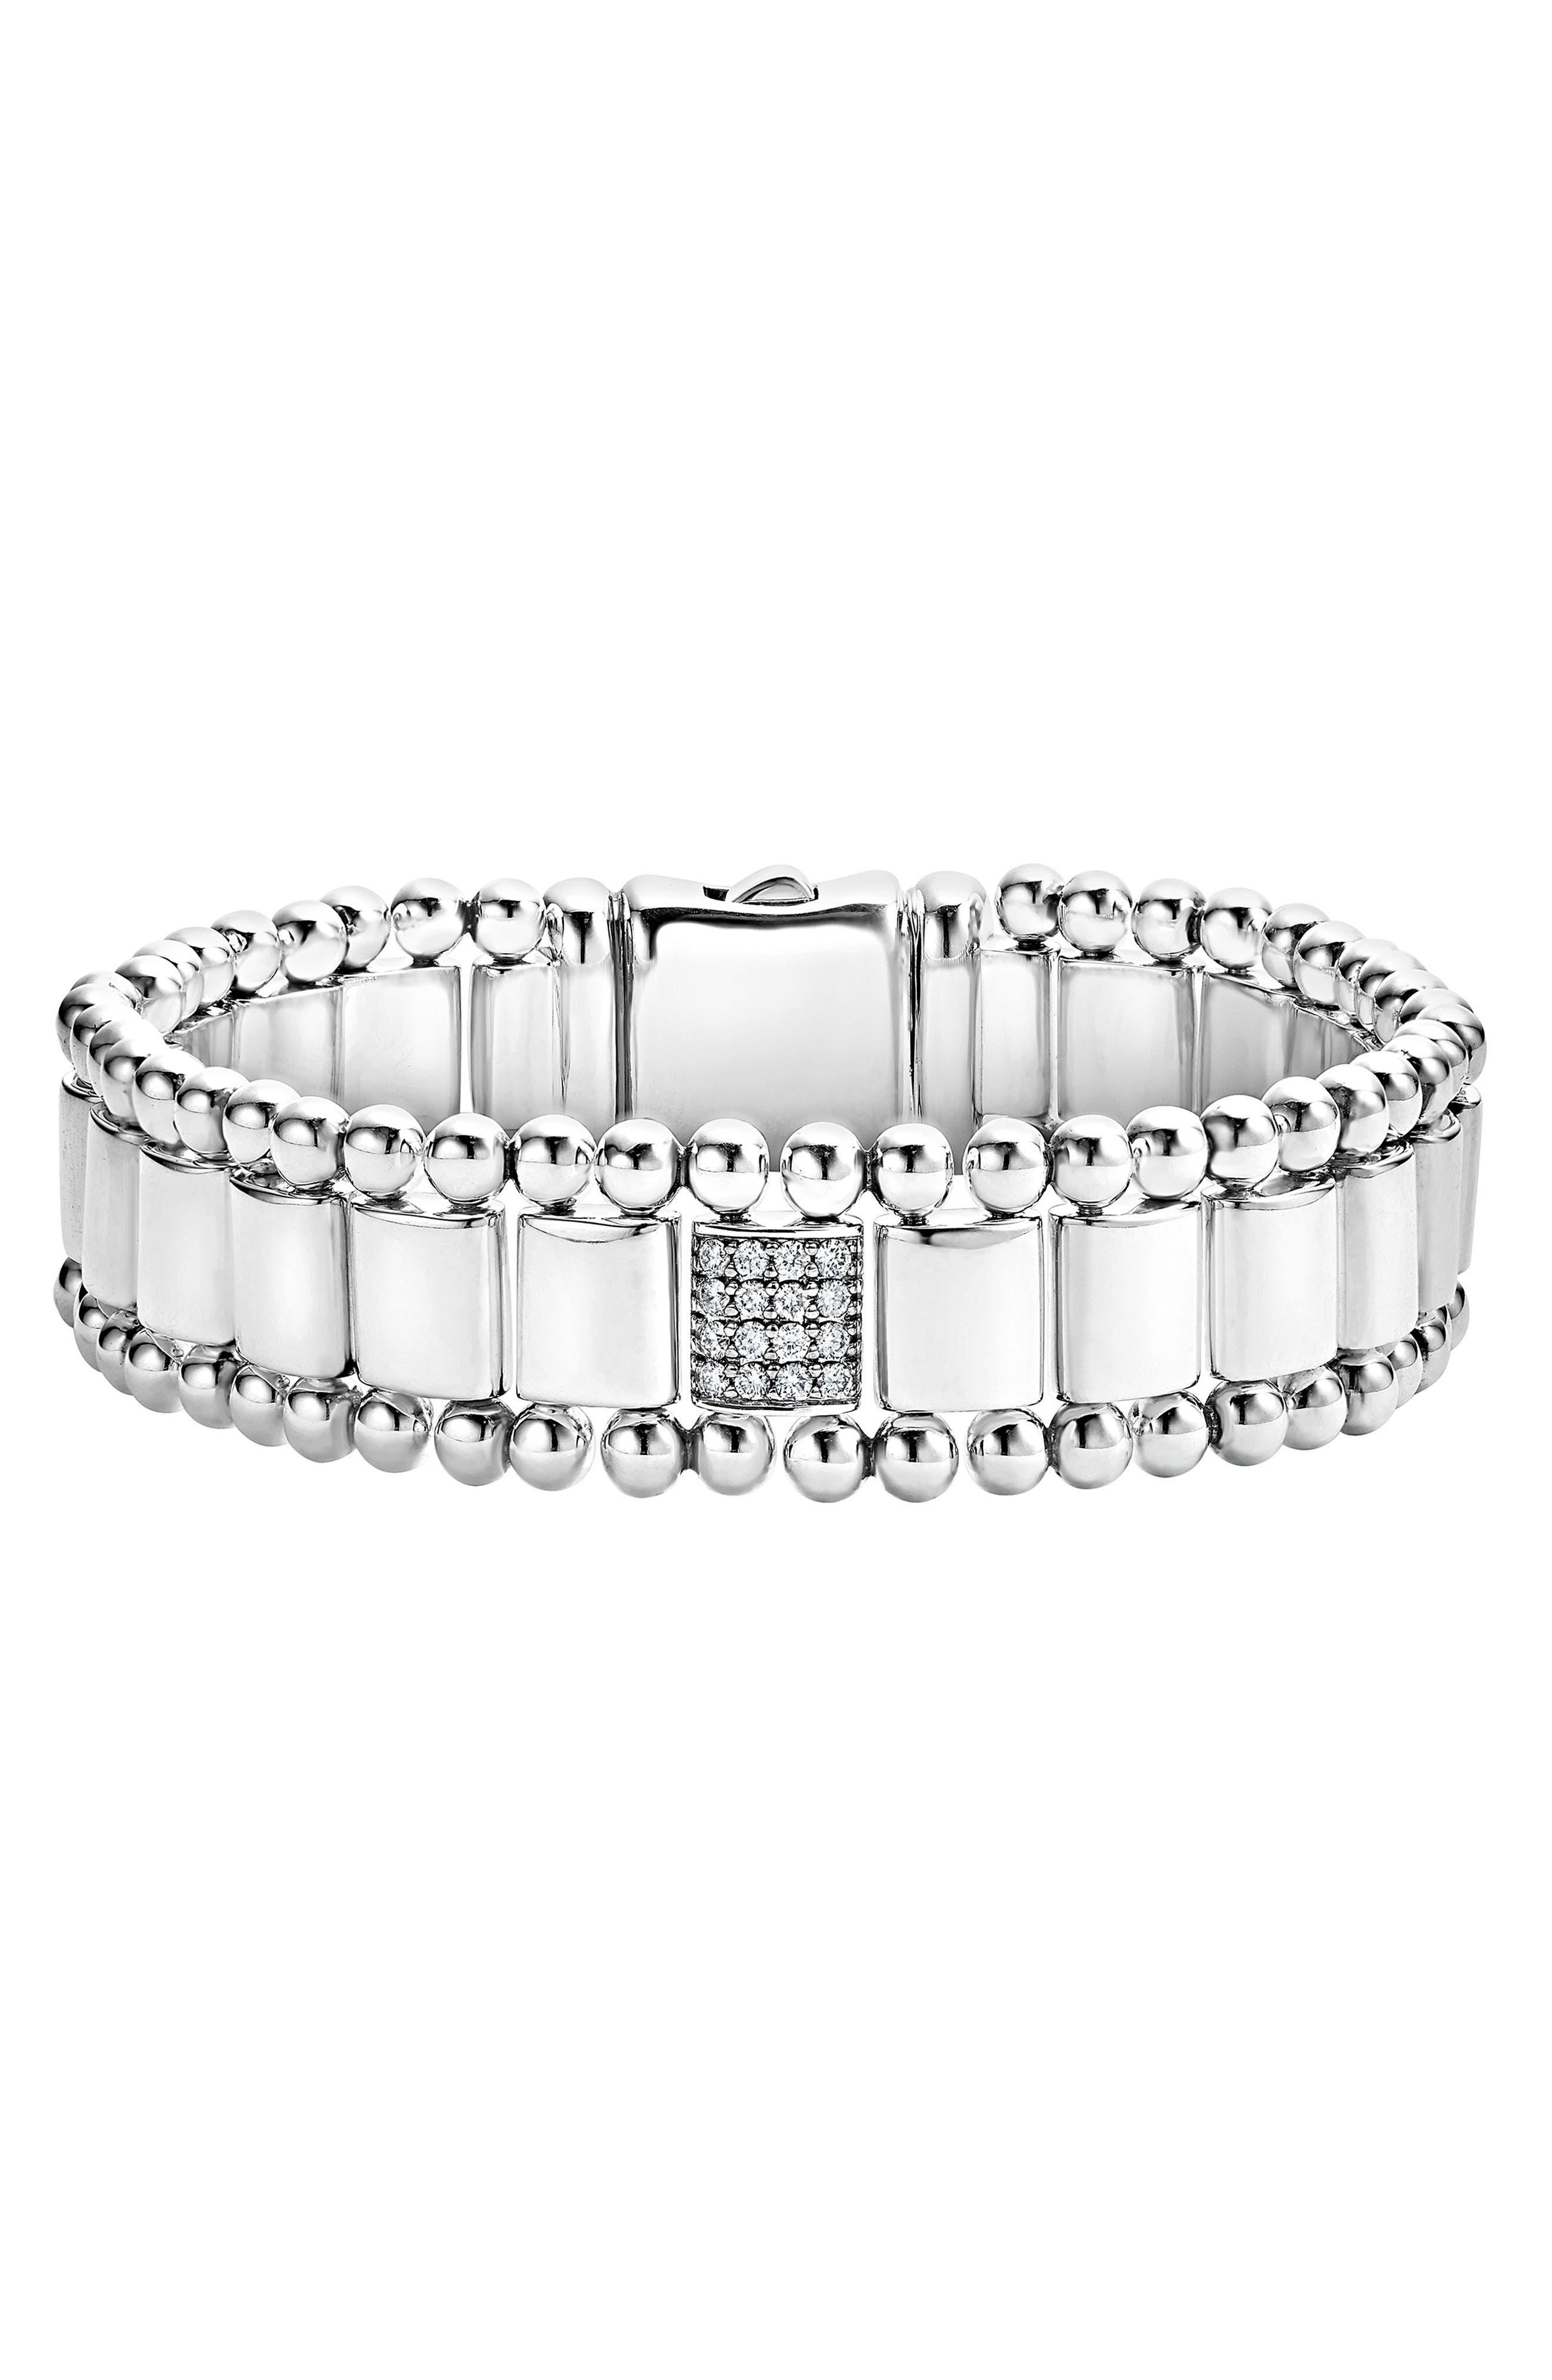 LAGOS Caviar Spark Pavé Diamond Link Bracelet